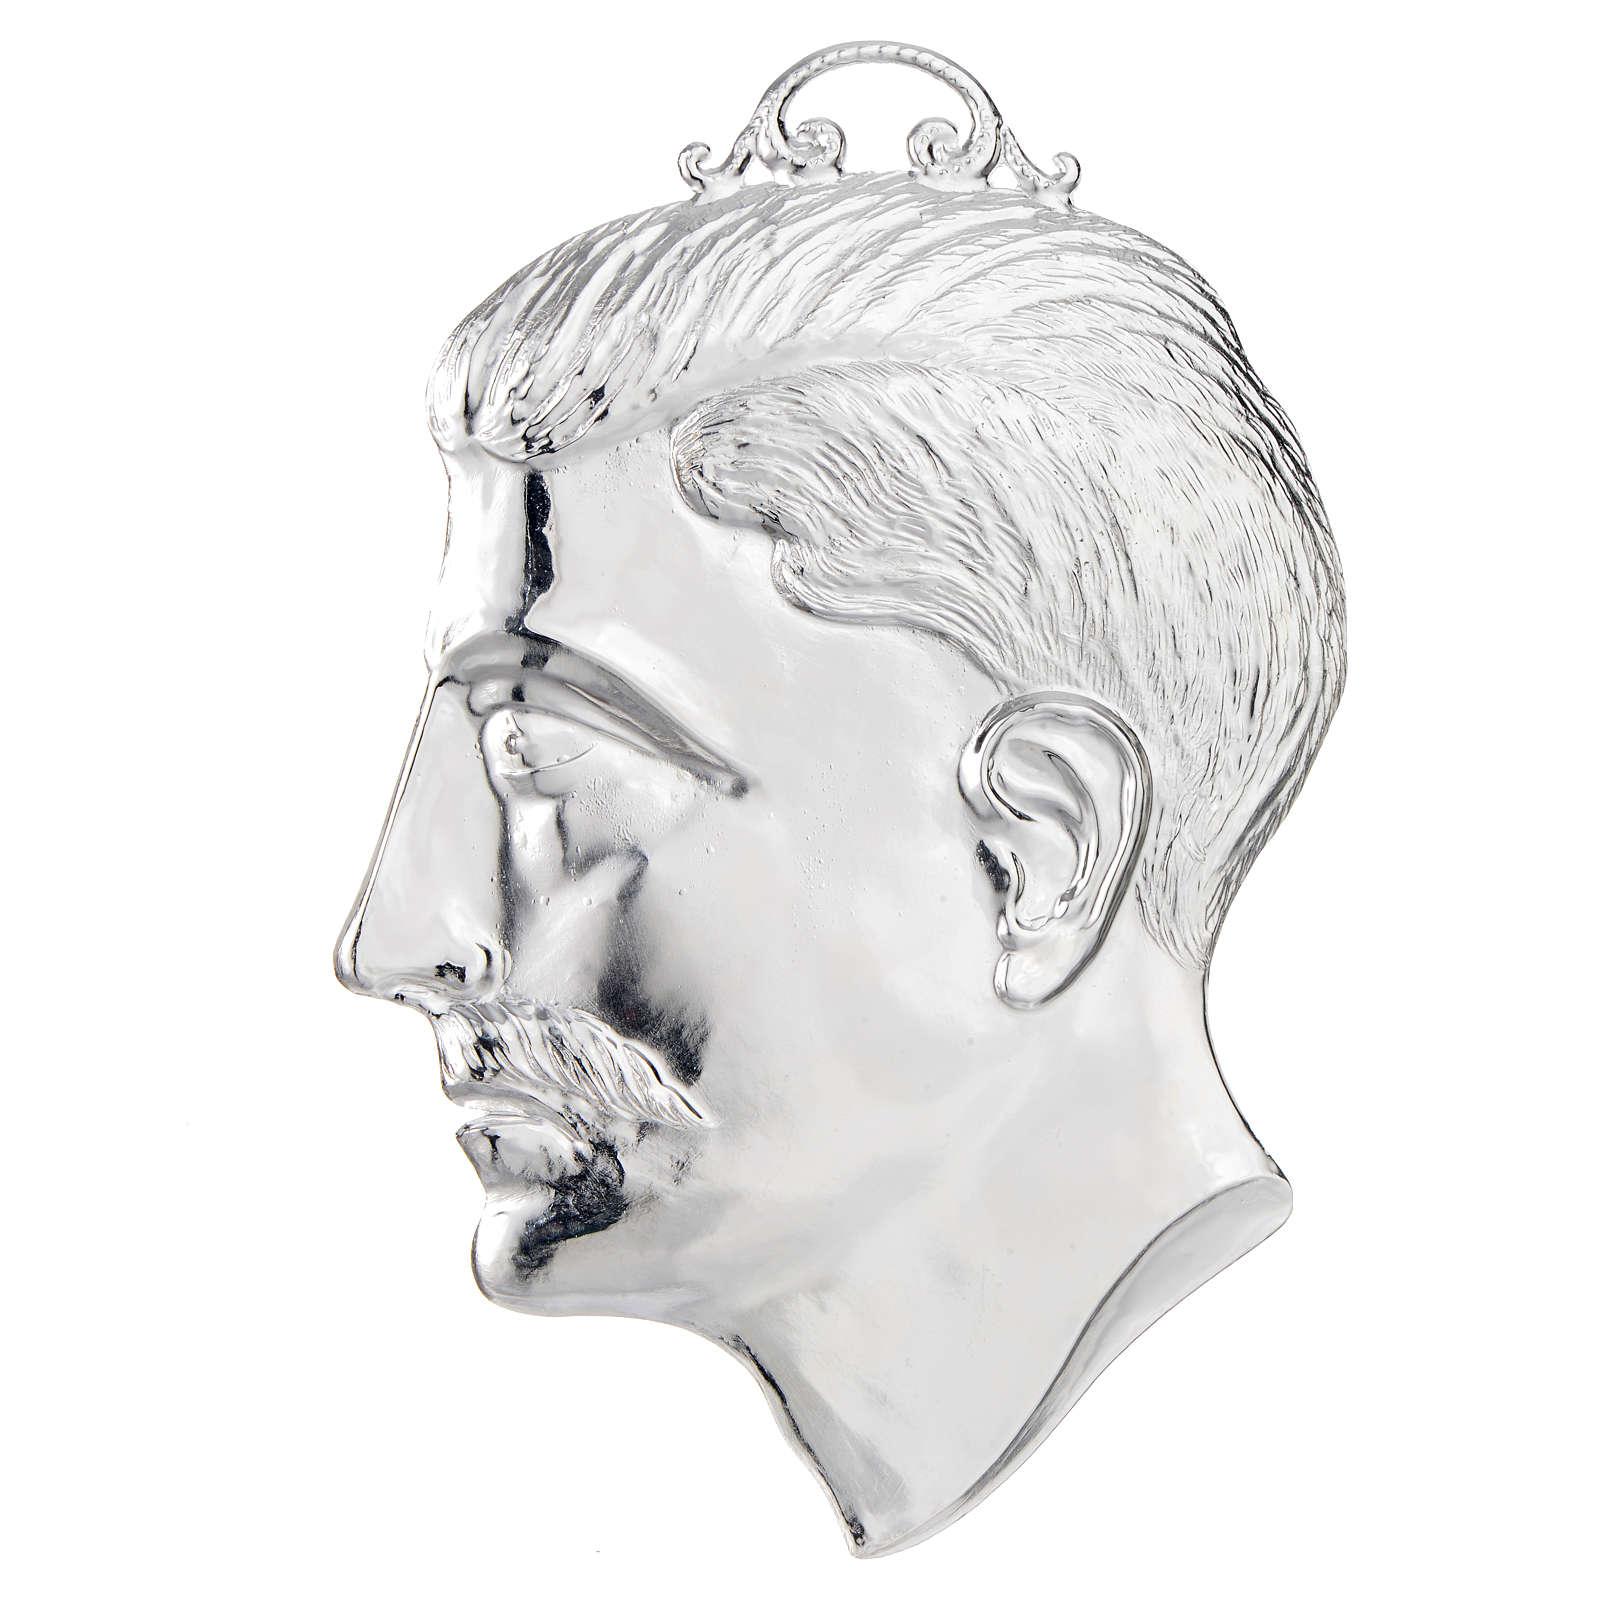 Ex-voto cabeza de hombre plata 925 o metal 15 cm. 3